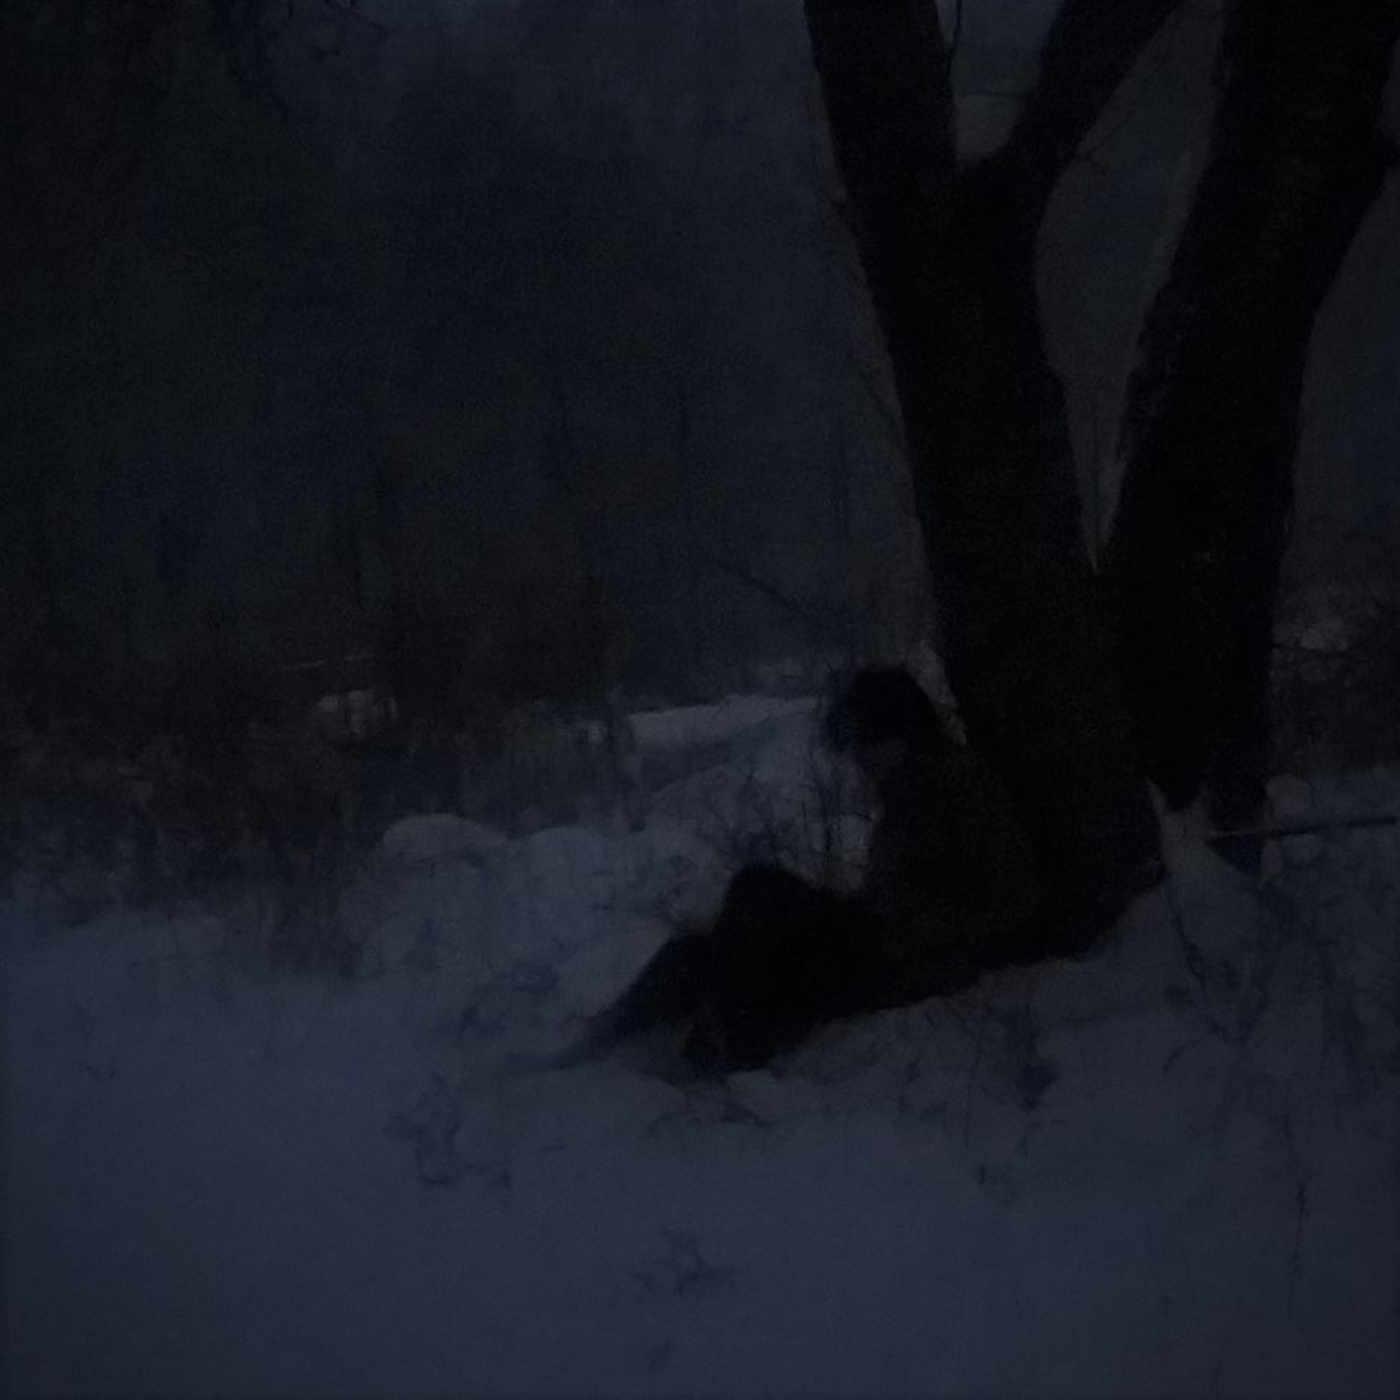 DZÖ-NGA - Upon the Shimmered Bough cover